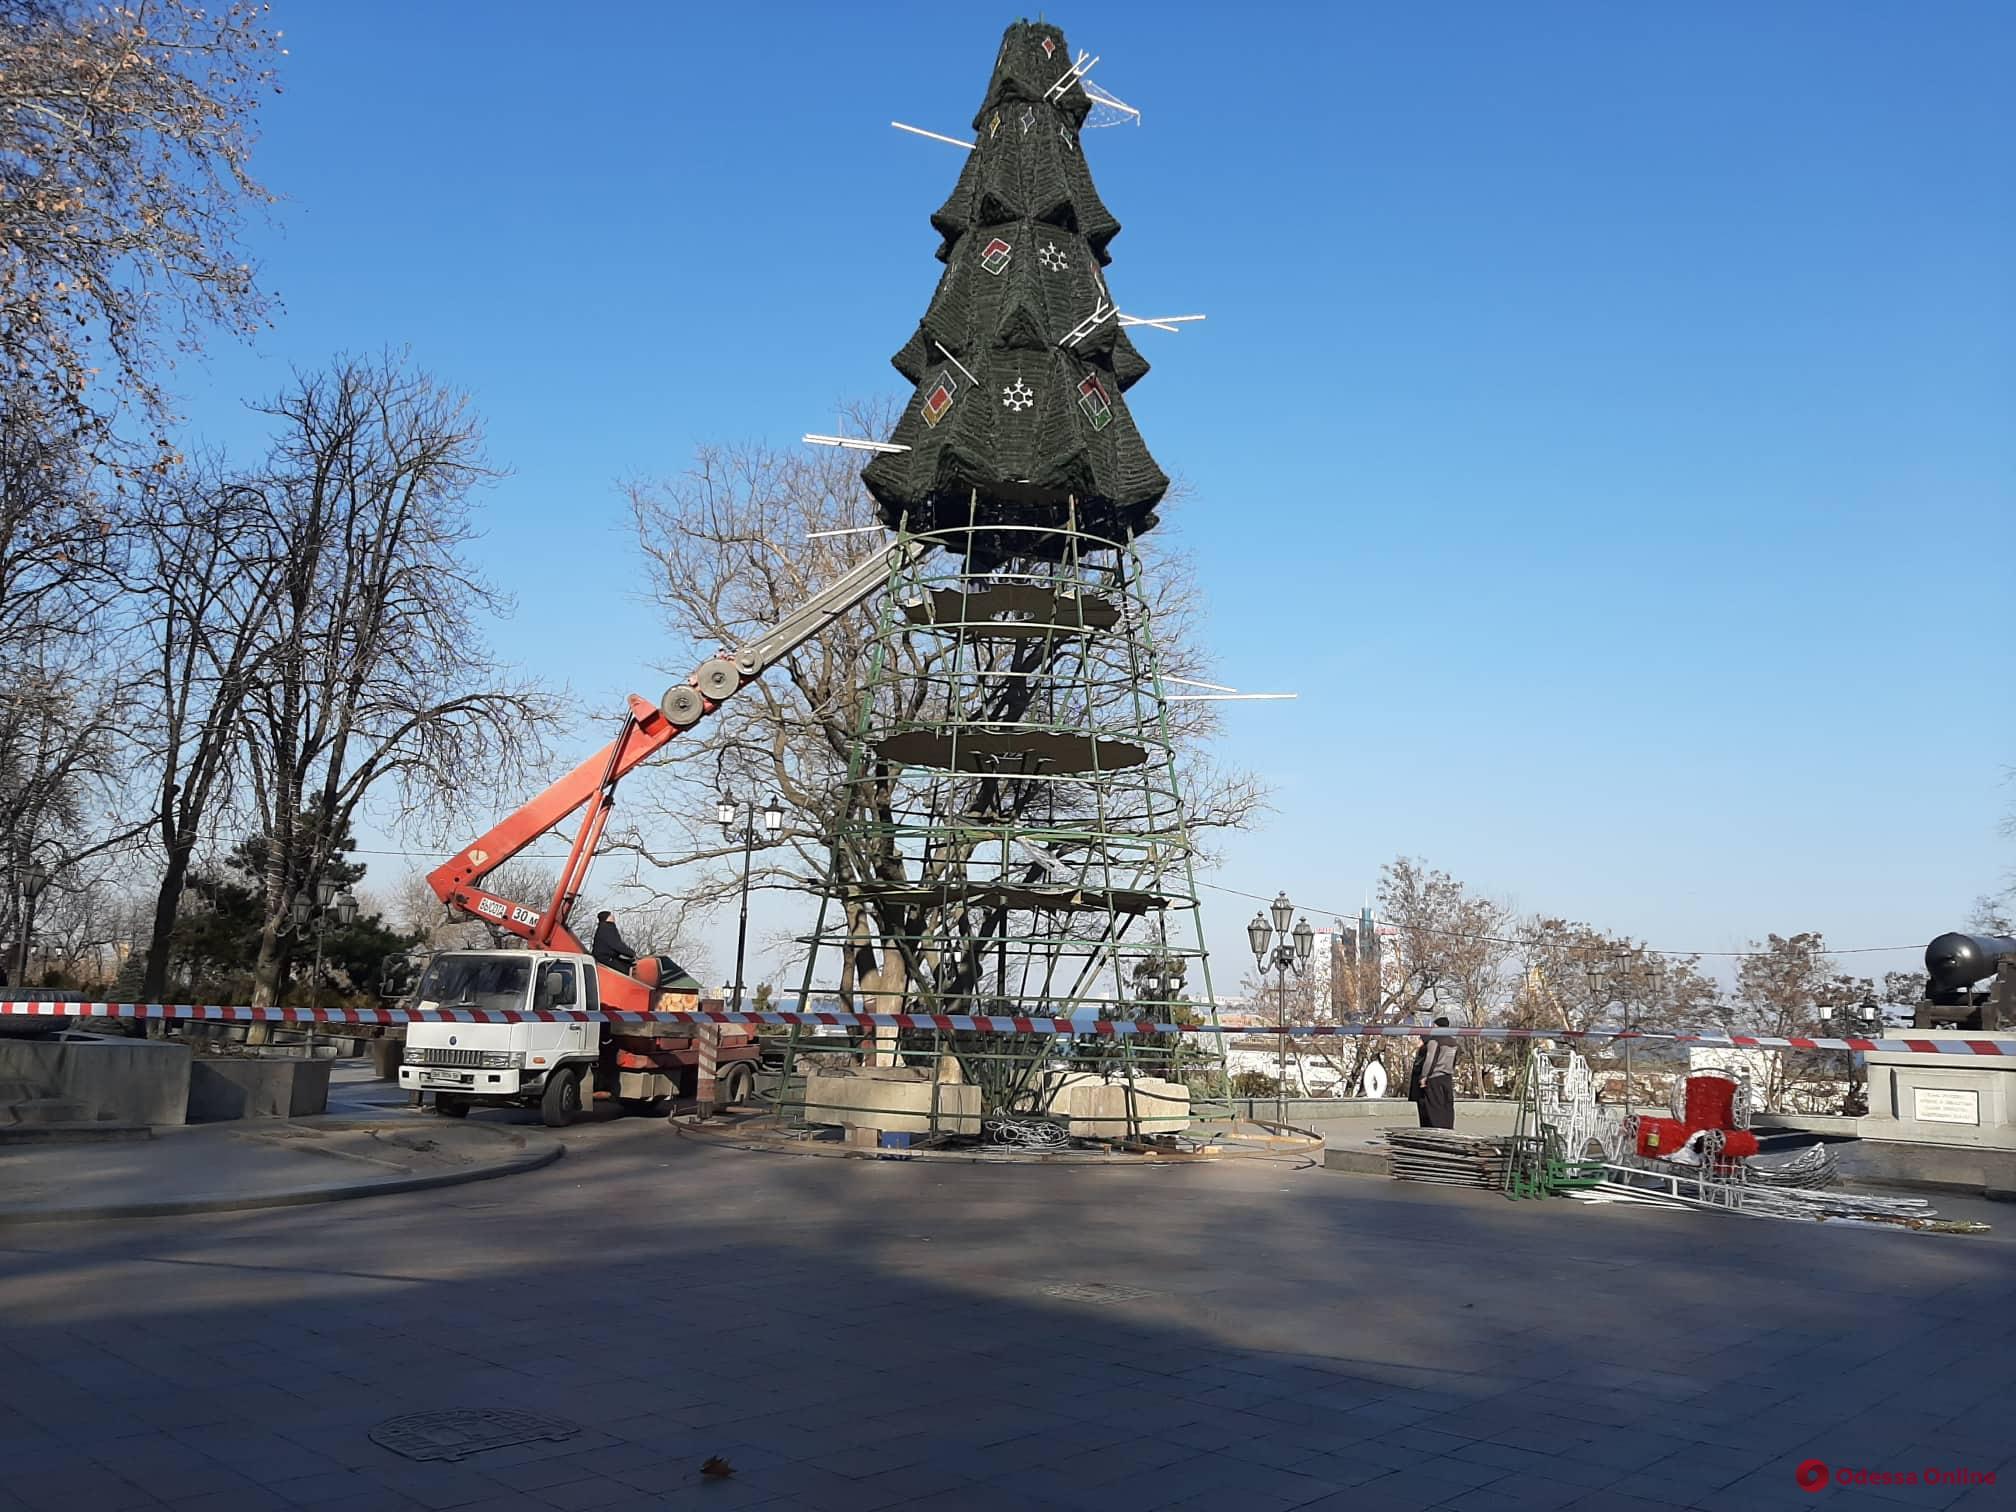 Возле мэрии разбирают главную новогоднюю елку (фото)